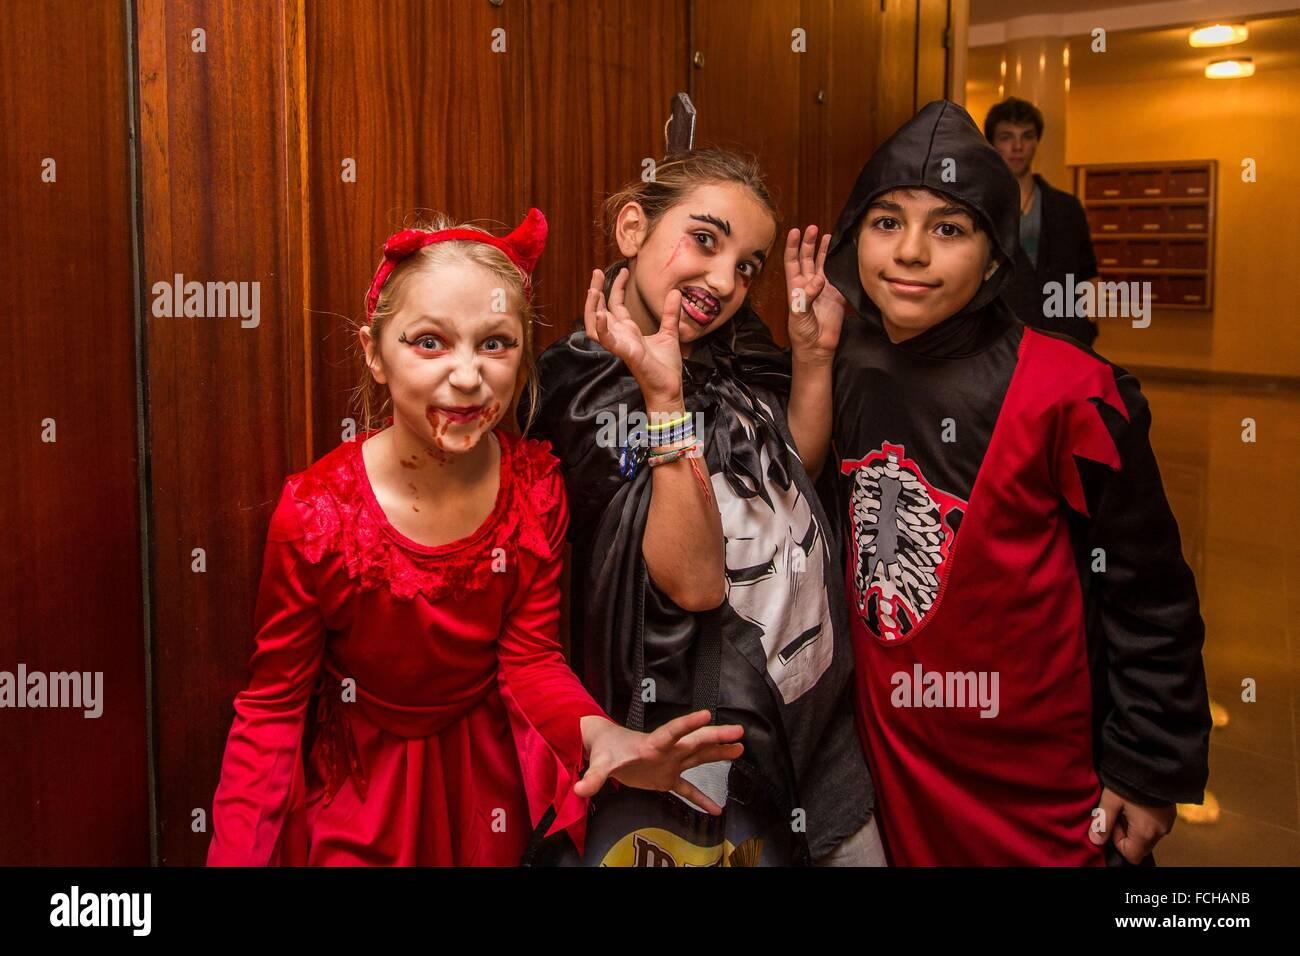 COSTUMED CHILDREN, HALLOWEEN Stock Photo